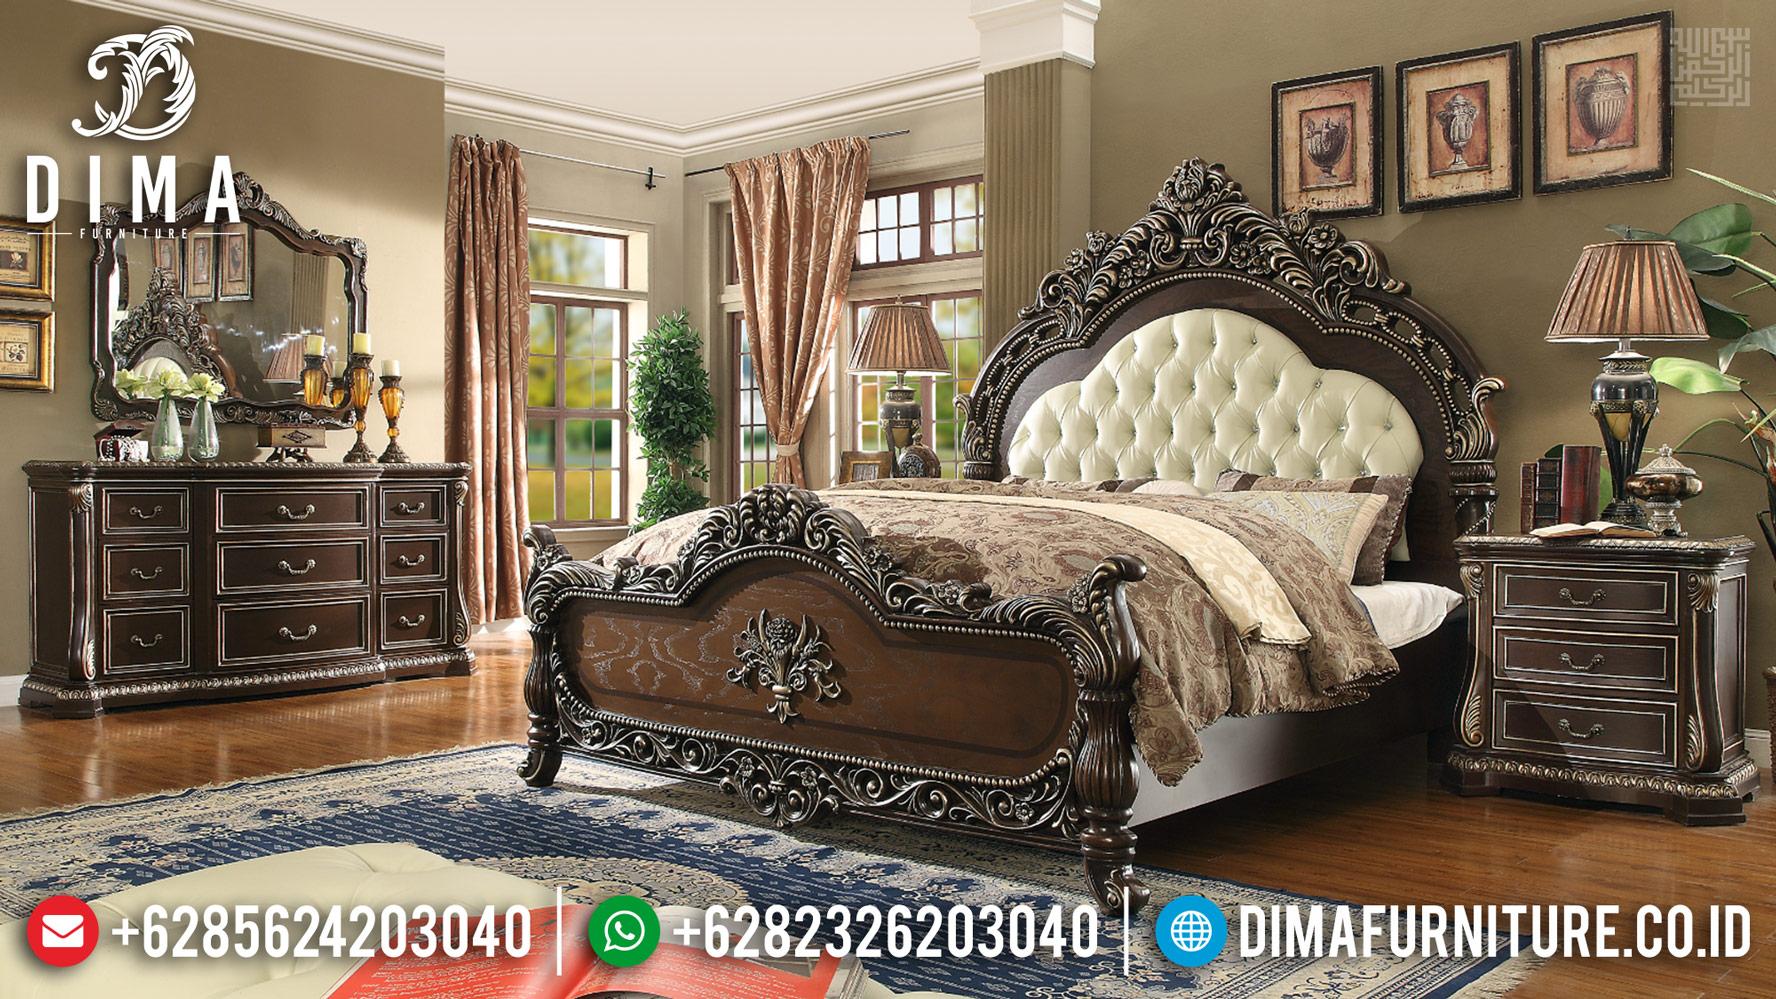 Discount Sale Tempat Tidur Jati Mewah Natural Luxury Classic Jepara TTJ-0422